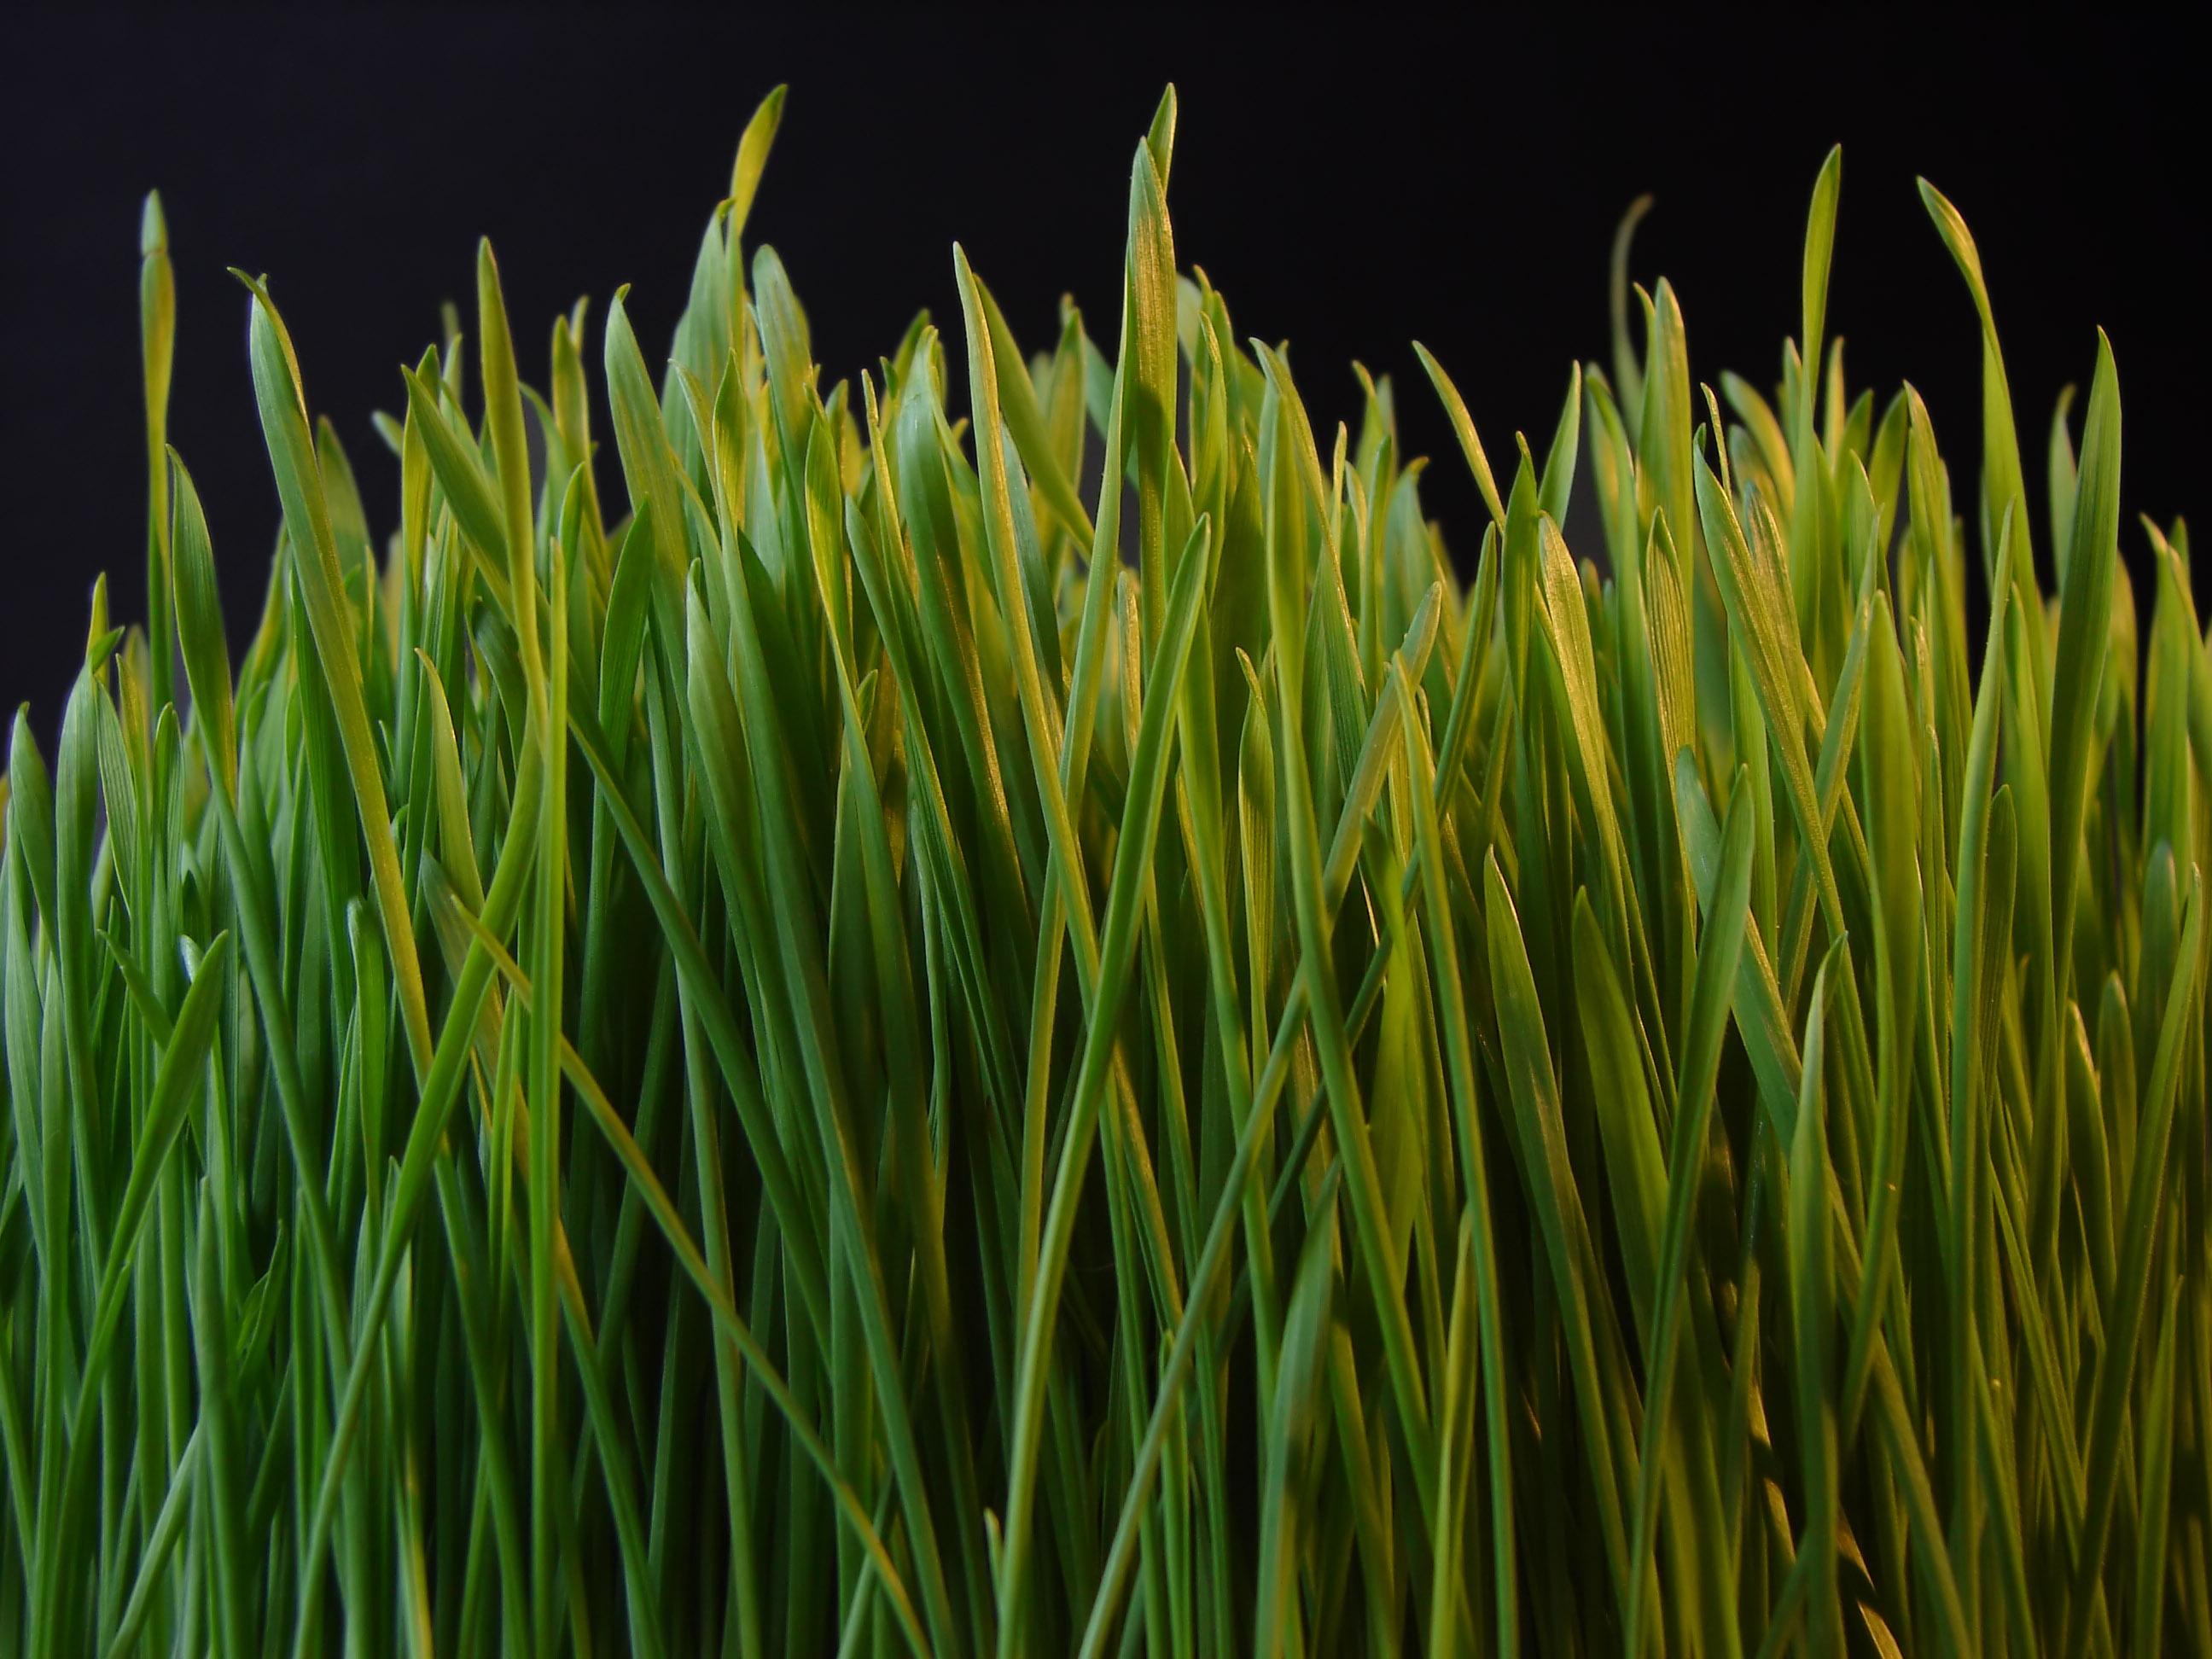 short essay on grass